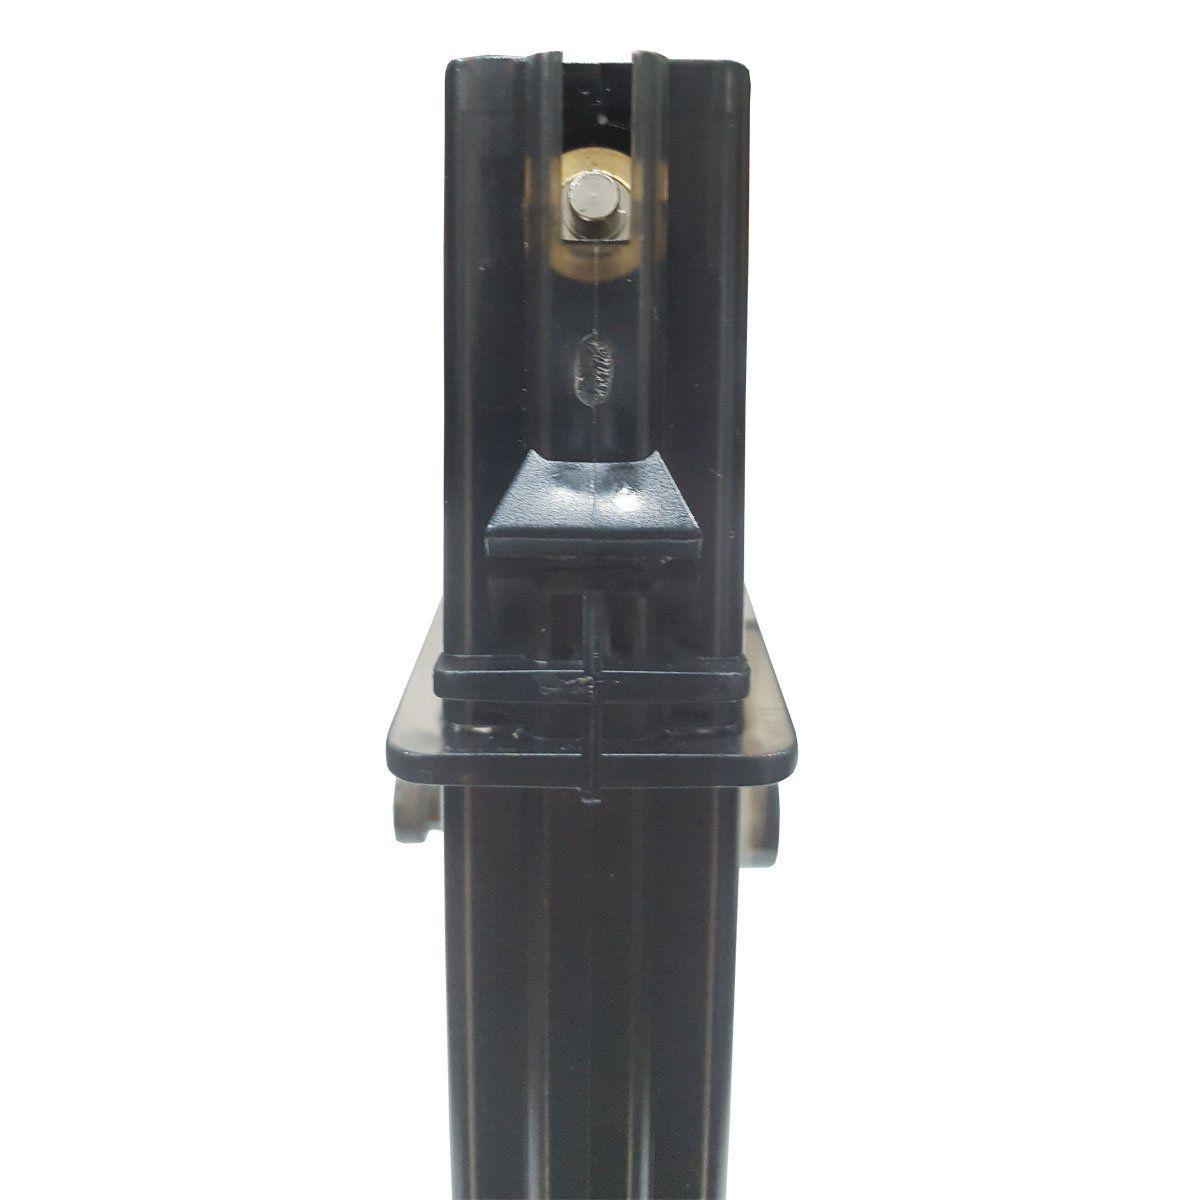 Magazine Para Rifle Airsoft GBB G36 R36 25Rds Army Armament